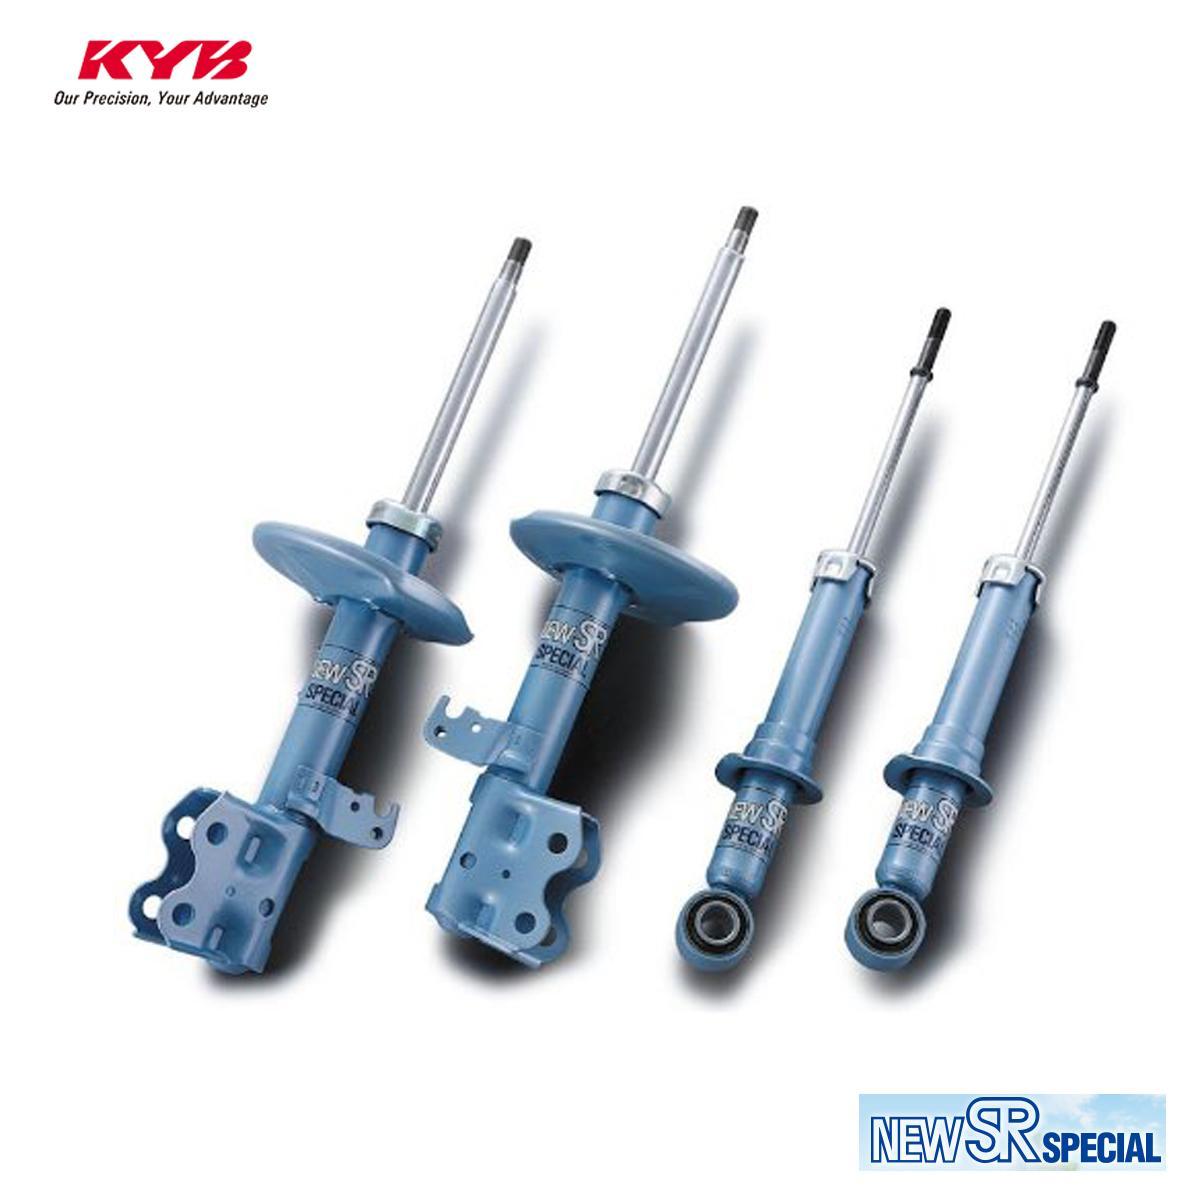 KYB カヤバ ヴィヴィオ KW3 ショックアブソーバーリア 左用 1本 NEW SR SPECIAL NST8018L 配送先条件有り